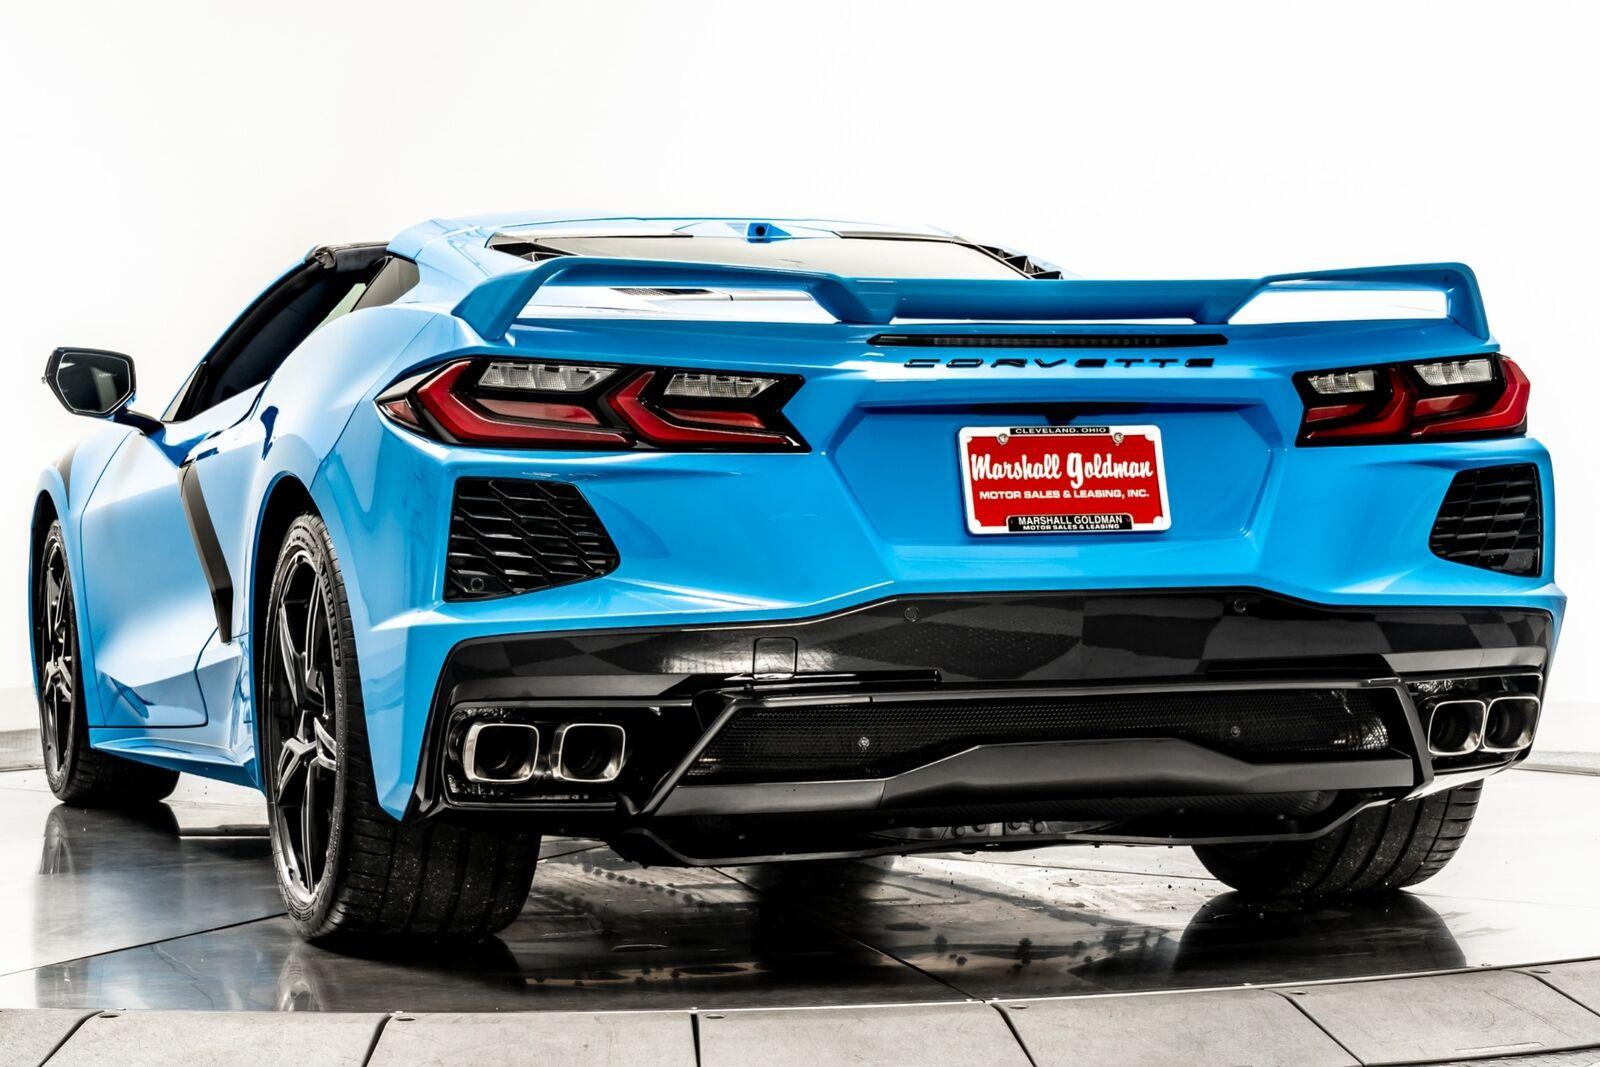 2021 Blue Chevrolet Corvette  3LT   C7 Corvette Photo 6